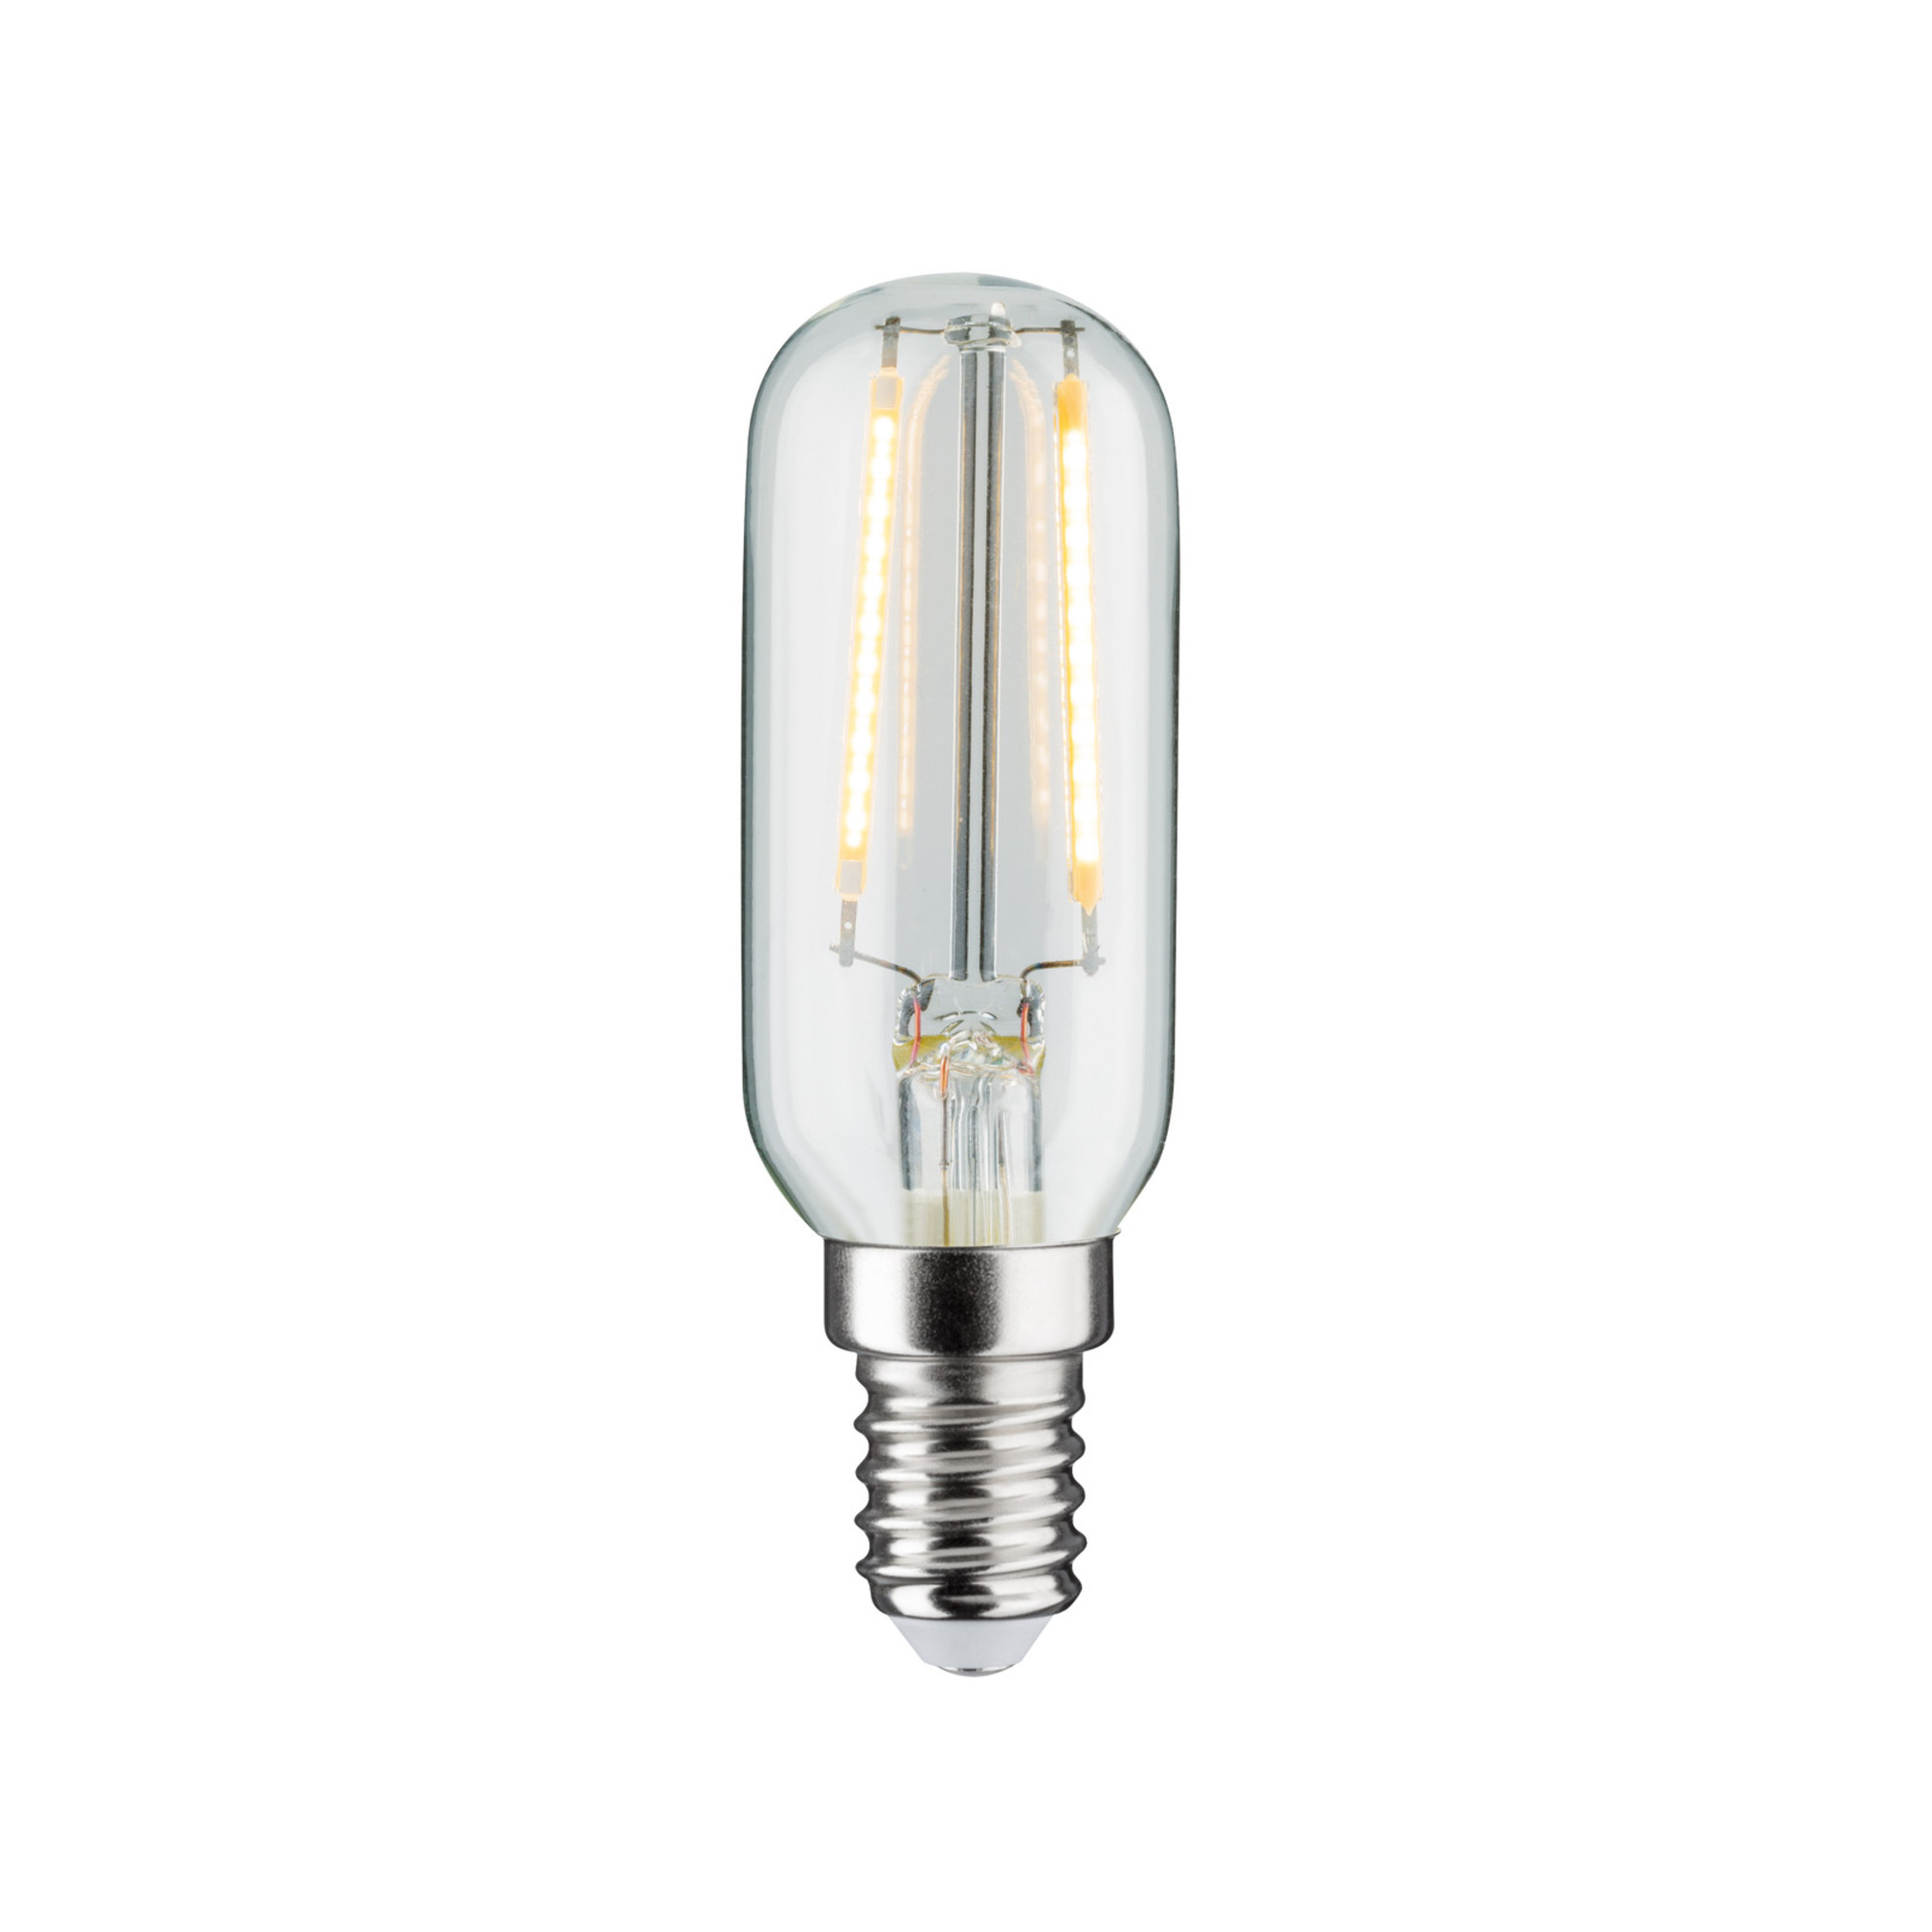 Лампа филаментная Paulmann Ретро Трубка 2.8Вт 250лм 2700К Е14 230В Прозрачный Регулируемая яркость 28505.